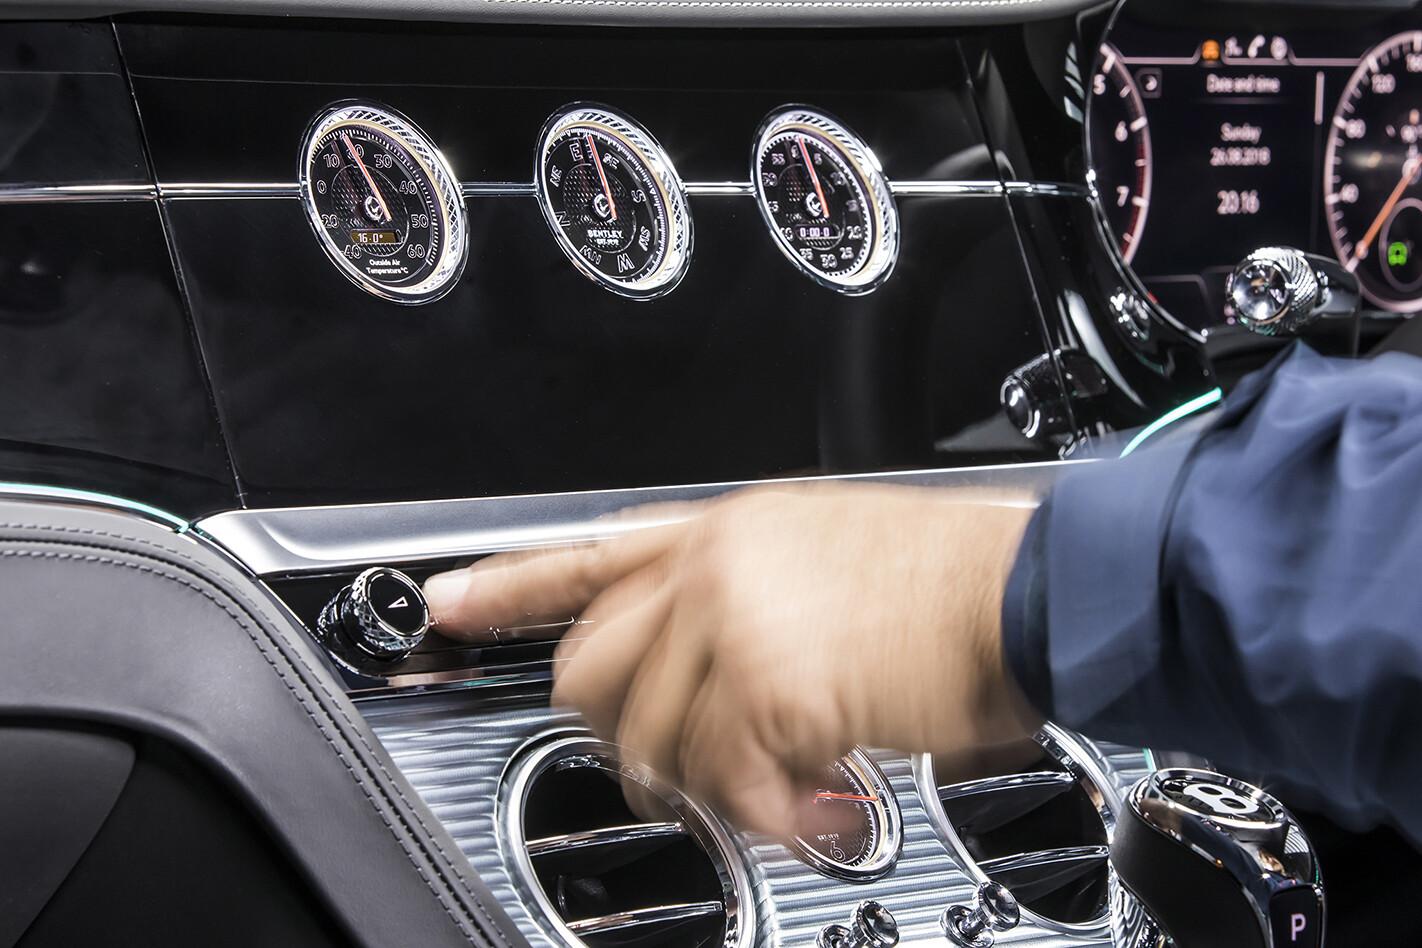 2019 Bentley Continental Gt Aust Interior Screenhidden Jpg